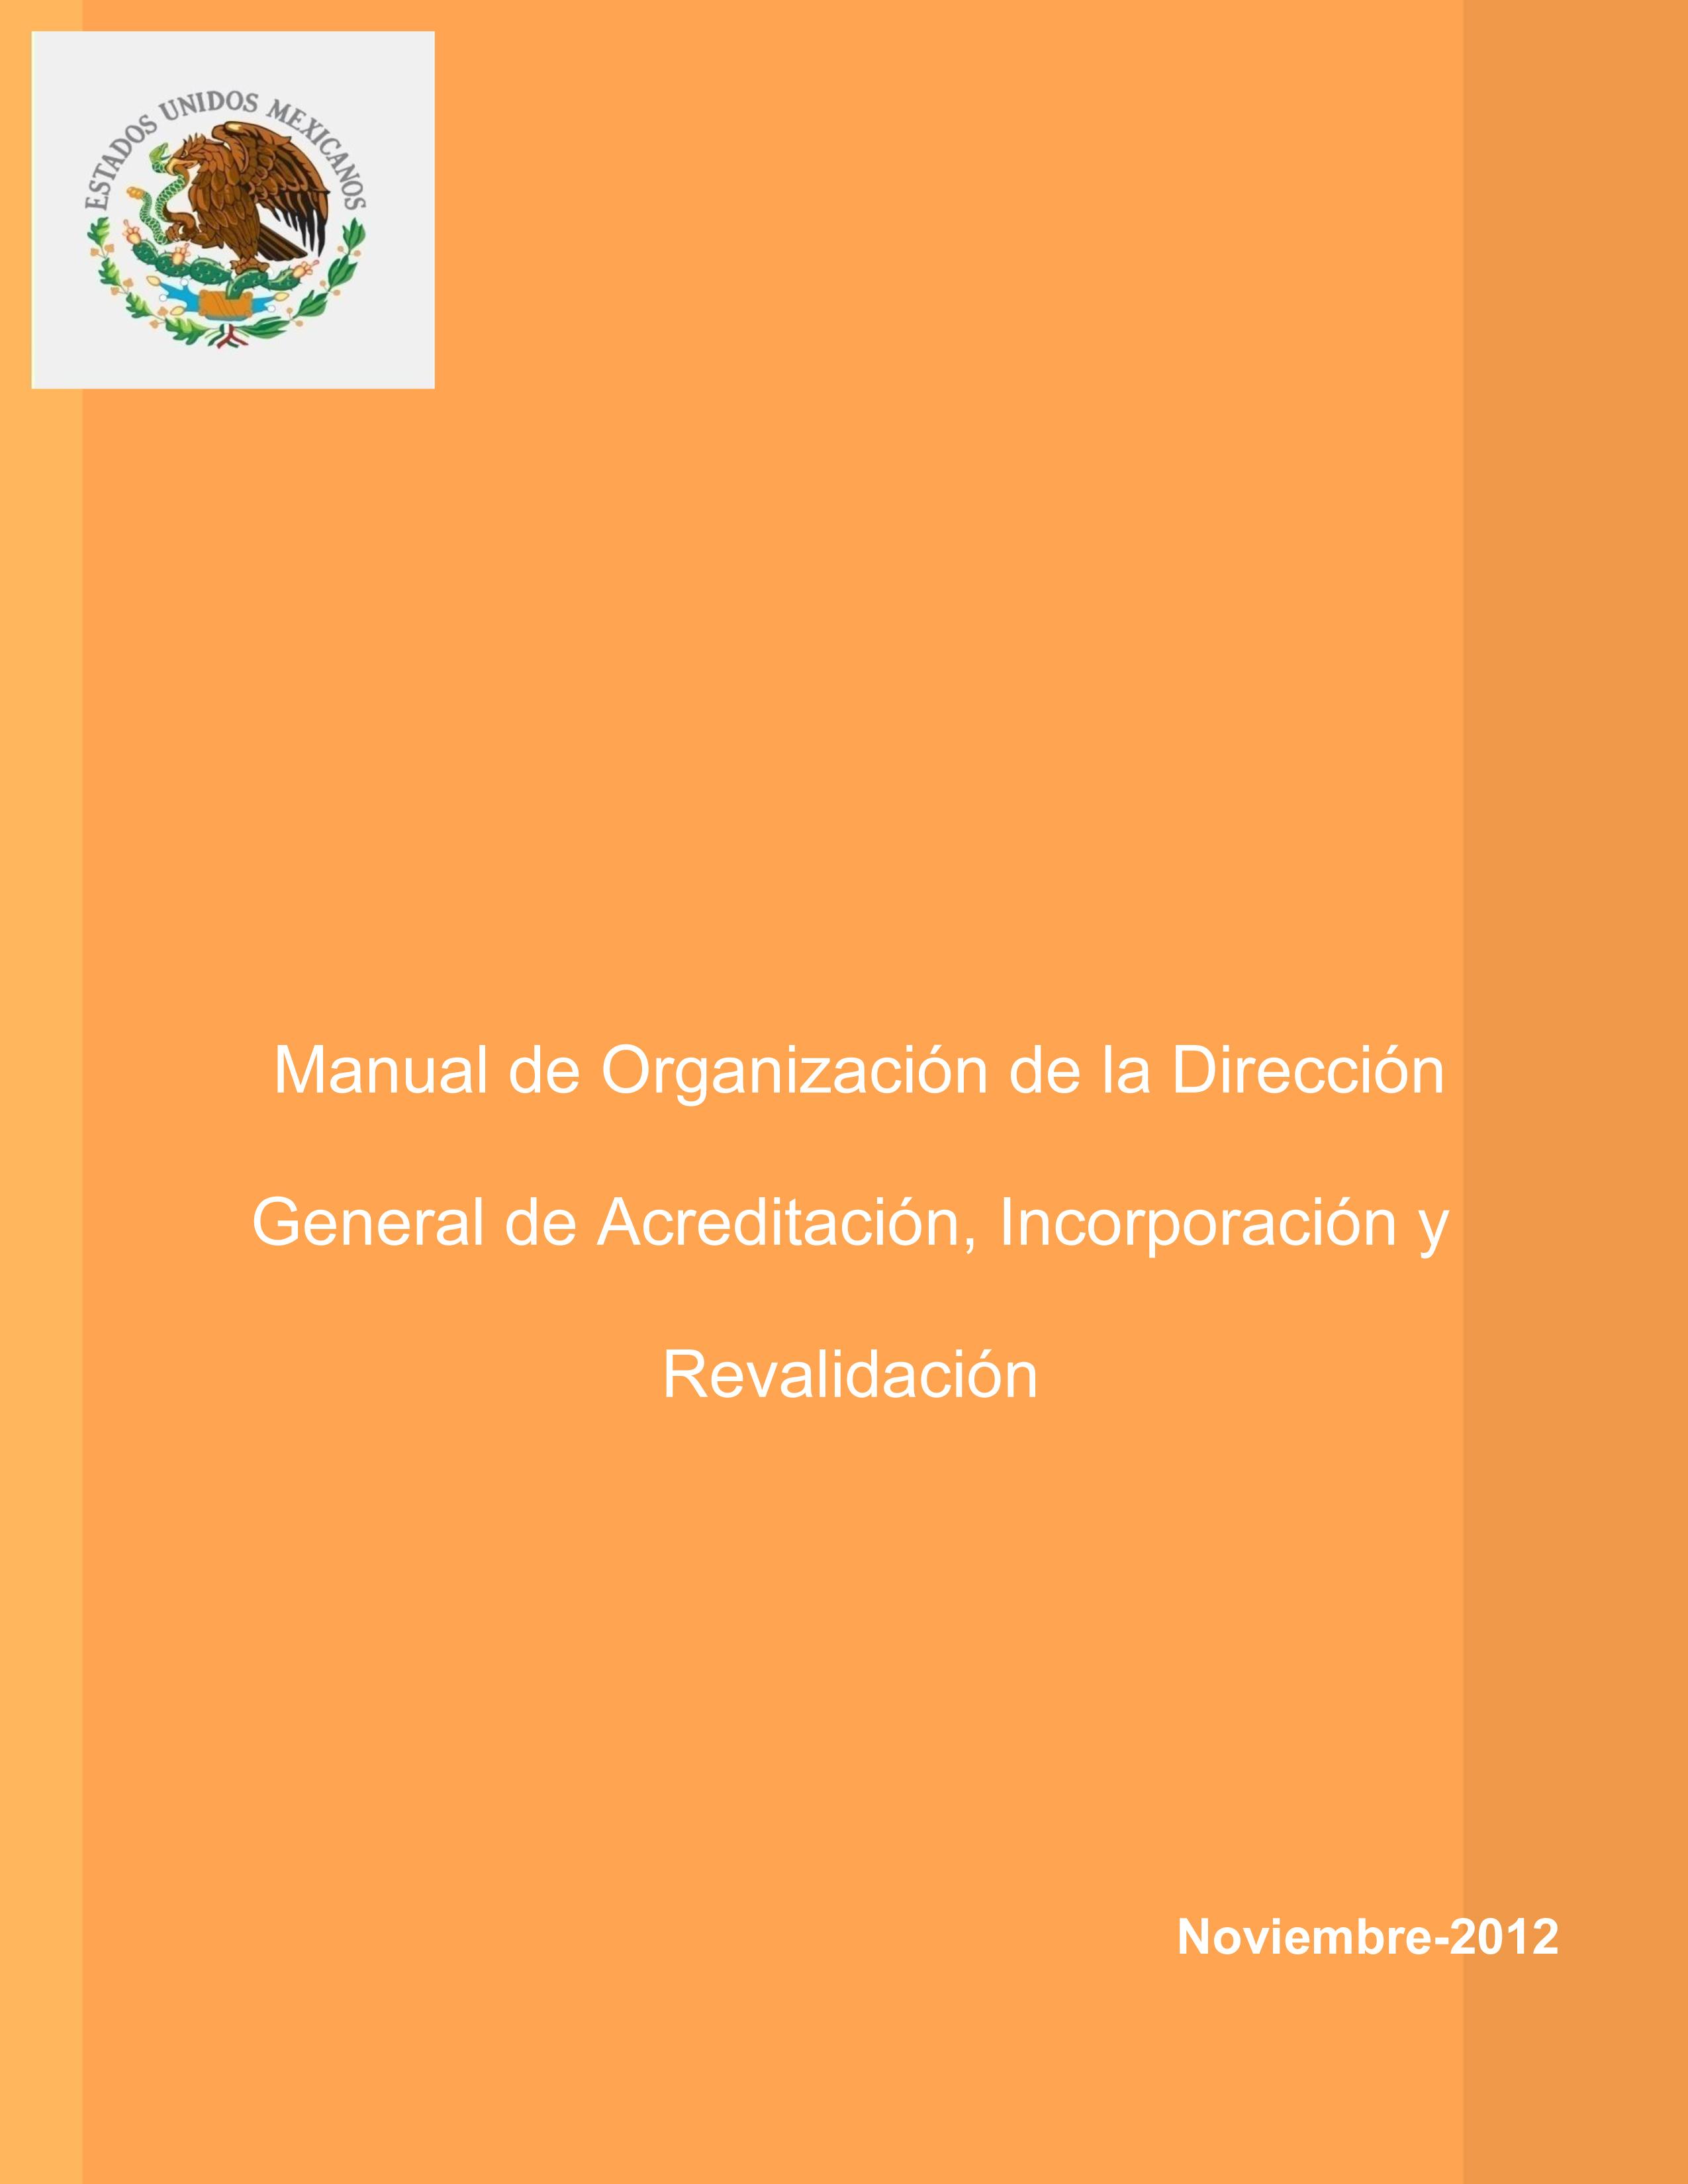 Manual de organizacion for Organizacion de un vivero